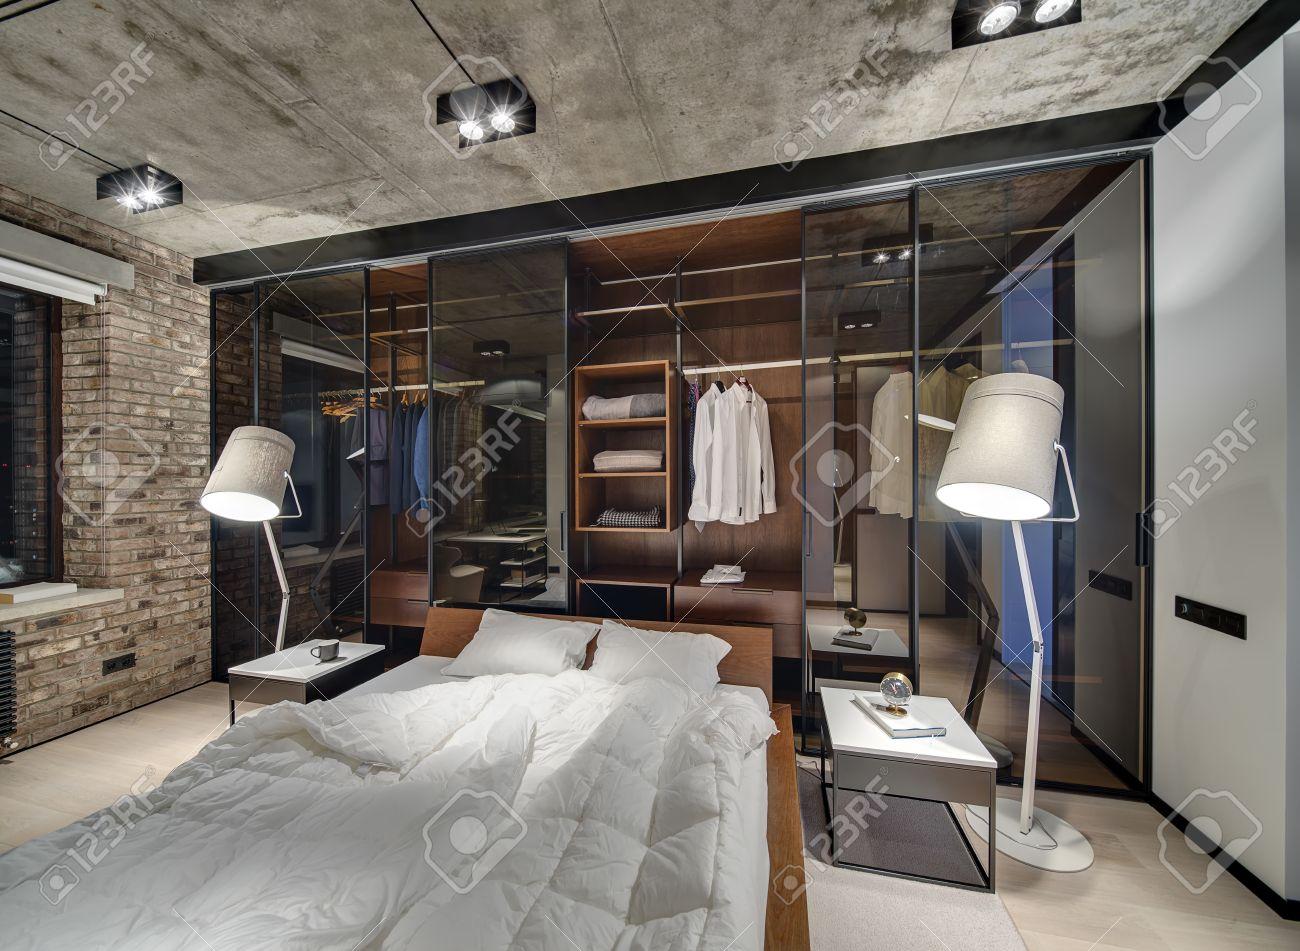 Loft-Stil Schlafzimmer Mit Ziegelmauer Und Betondecke. Es Gibt Ein ...